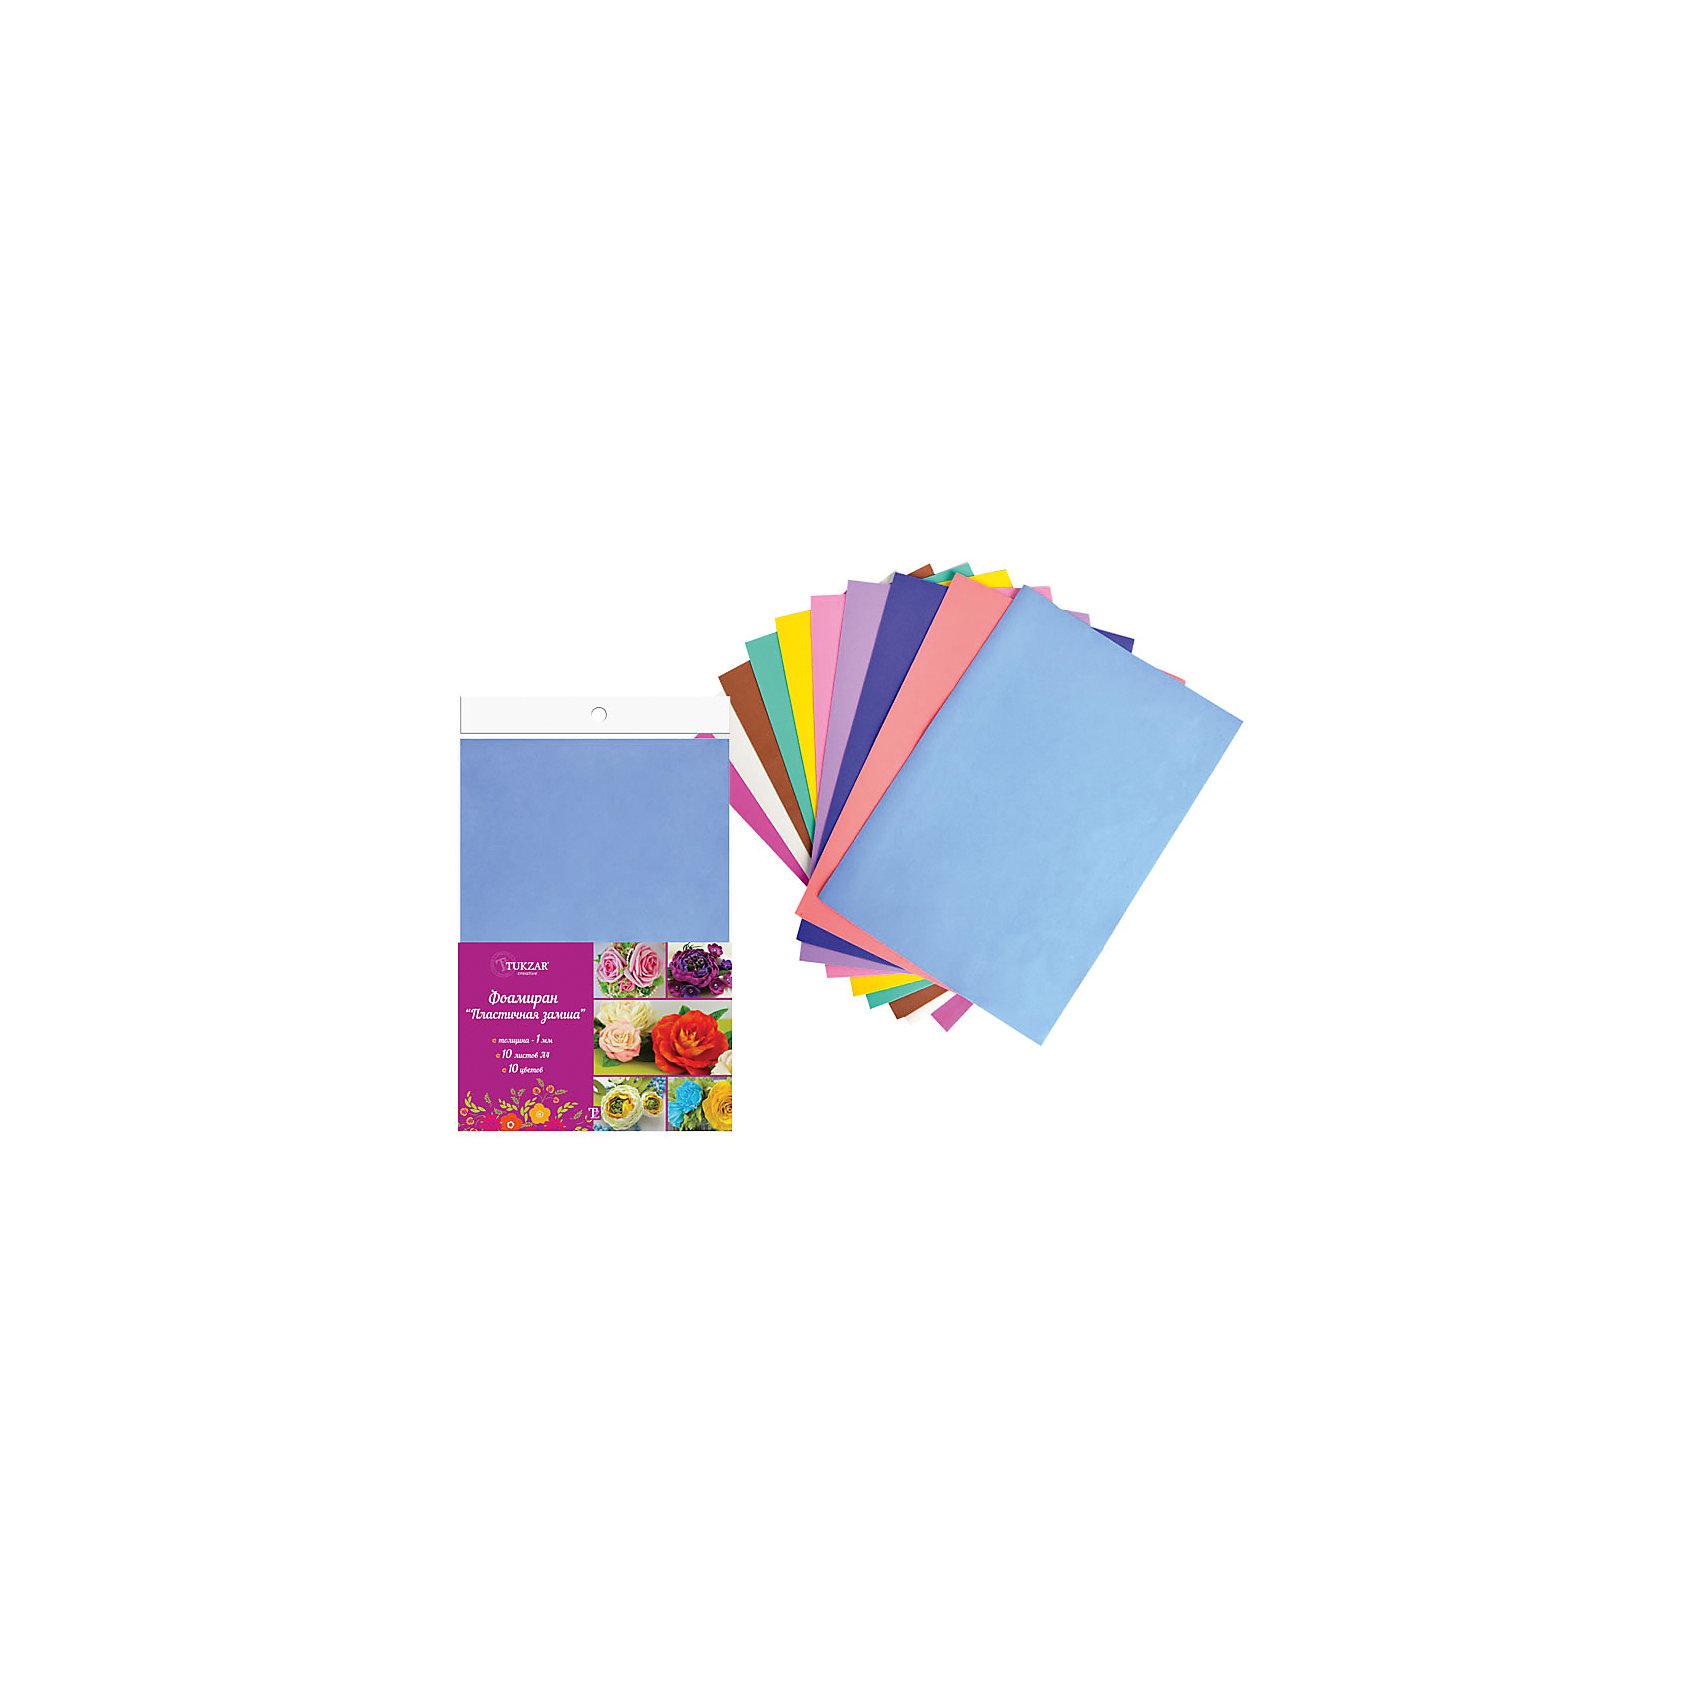 Набор фоамирана (пластичной замши) А4, 10 цветовРукоделие<br>Набор фоамирана (пластичной замши) А4, 10 цветов от известного торгового бренда канцелярских товаров и товаров для творчества TUKZAR. Набор включает в себя 10 листов пластичной замши разного цвета. Этот материал широко используется в декративно-прикладном творчестве за счет своих свойств: он легко поддается обработке, готовые изделия из фоамирана характеризуются высокой износоустойчивостью, а благодаря тому, что он абсолютно нетоксичен, этот материал широко используют на занятиях творчеством с детьми. <br>Набор фоамирана (пластичной замши) А4, 10 цветов – это высокое качество материалов для творчества, которые подарят вдохновение не только детям, но и взрослым! <br><br>Дополнительная информация:<br><br>- Предназначение: для детского творчества, для аппликаций, для создания цветов и цветочных композиций, для декорирования<br>- Материал: фоамиран<br>- Комплектация: 10 листов разного цвета<br>- Размеры (Д*Ш*В): 21*0,1*29,7 см<br>- Упаковка: полиэтилен<br><br>Подробнее:<br><br>• Для детей в возрасте: от 5 лет <br>• Страна производитель: Китай<br>• Торговый бренд: TUKZAR<br><br>Набор фоамирана (пластичной замши) А4, 10 цветов можно купить в нашем интернет-магазине.<br><br>Ширина мм: 220<br>Глубина мм: 180<br>Высота мм: 20<br>Вес г: 200<br>Возраст от месяцев: 36<br>Возраст до месяцев: 192<br>Пол: Унисекс<br>Возраст: Детский<br>SKU: 5001421